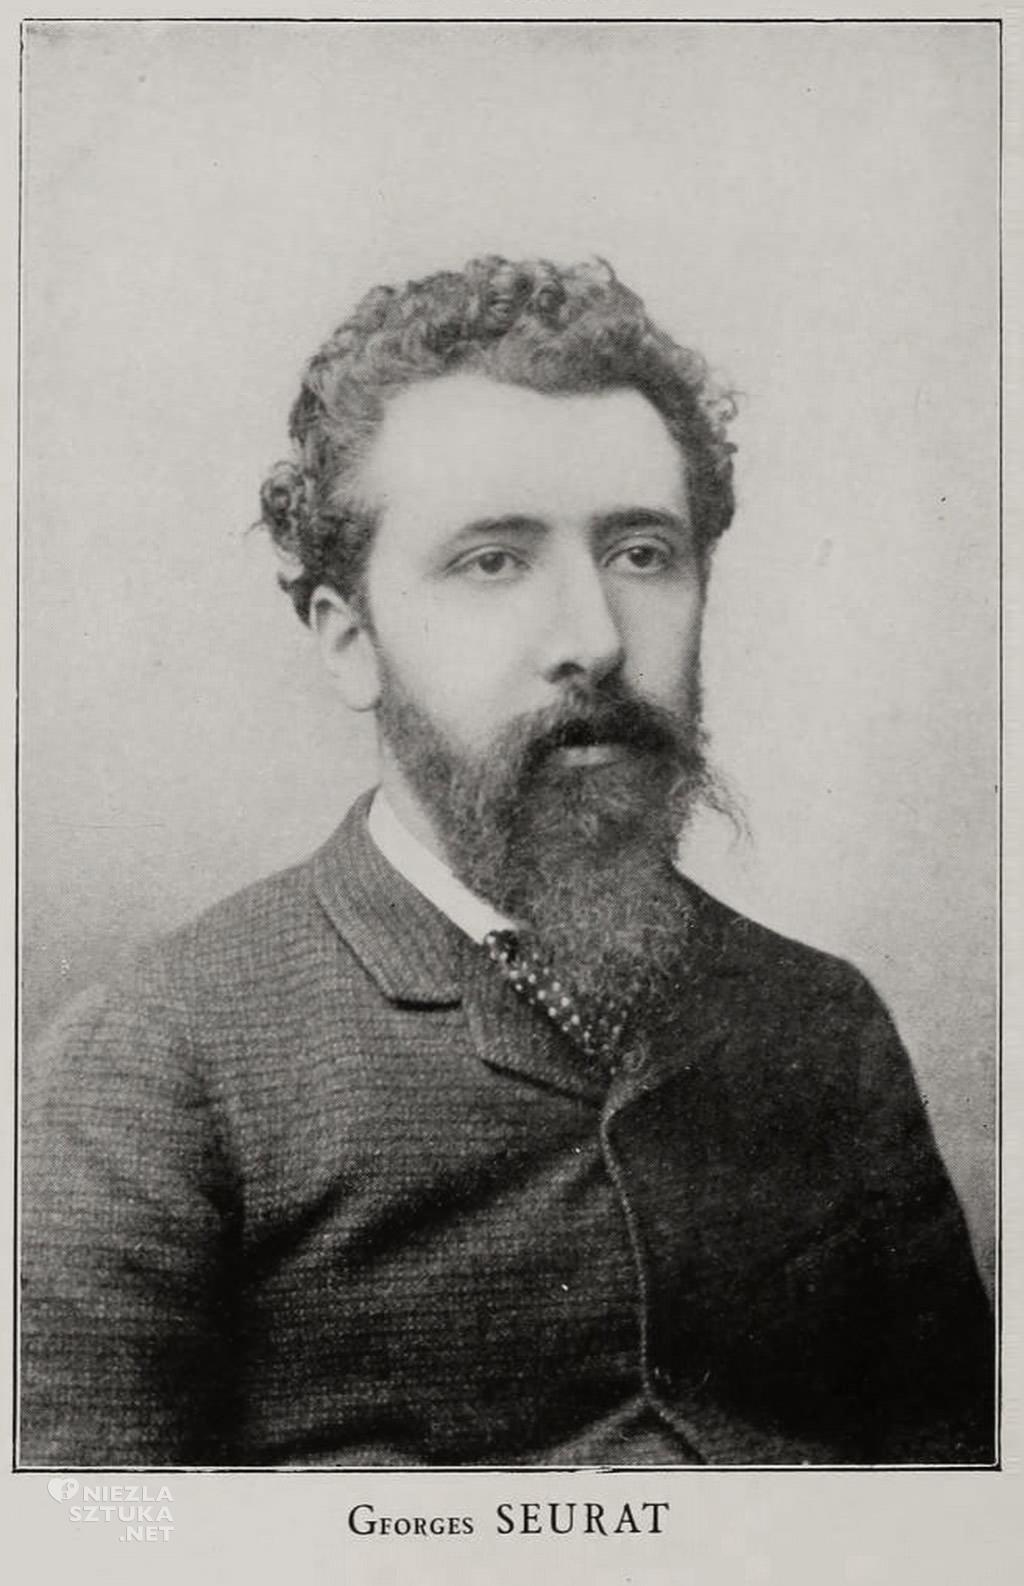 Georges Seurat, malarz francuski, sztuka francuska, malarstwo francuskie, neoimpresjonizm, pointylizm, Niezła sztuka